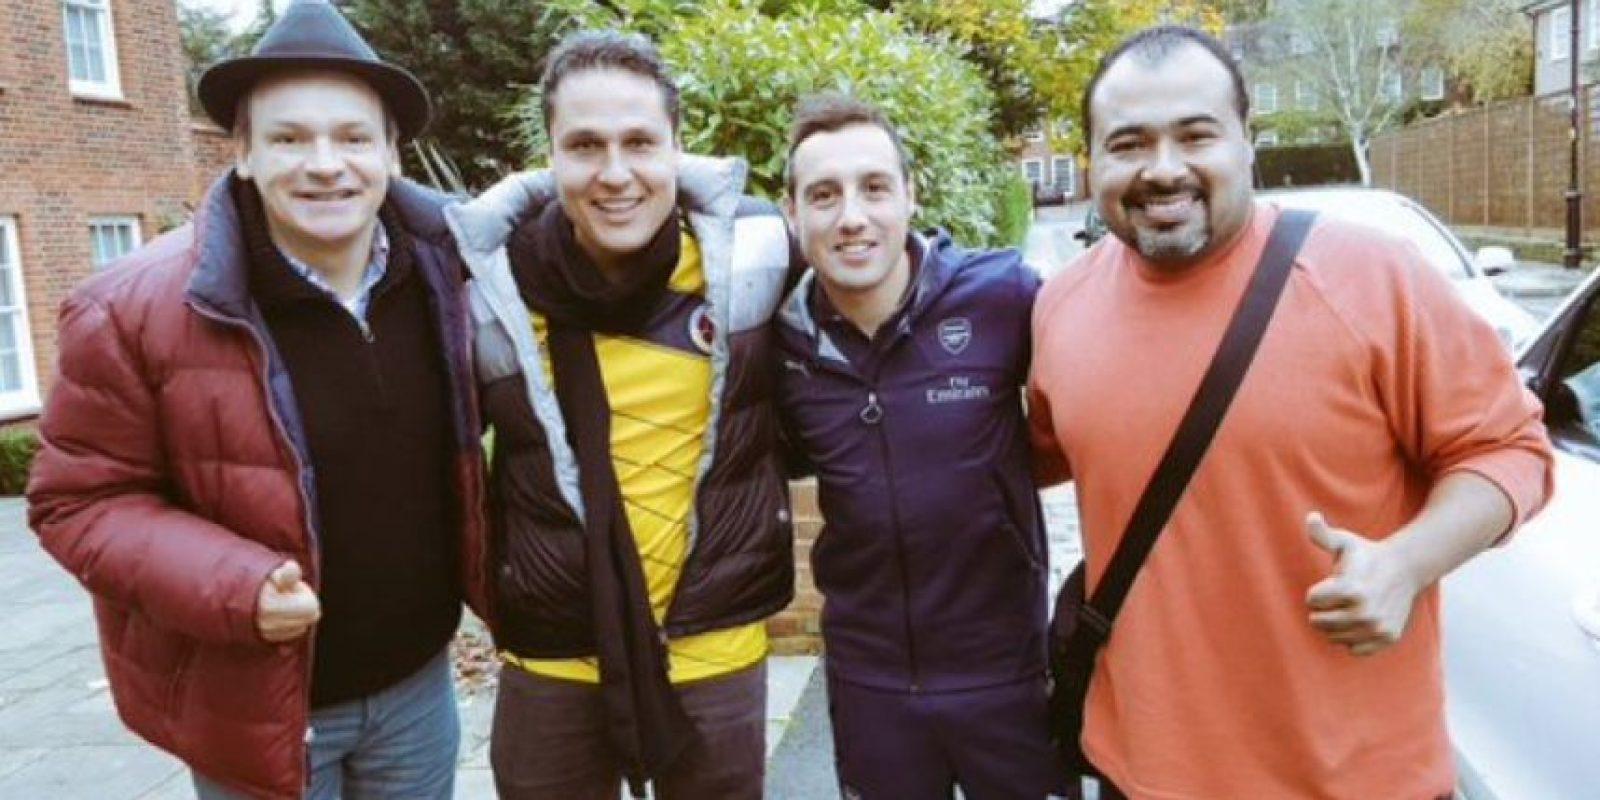 Foto:Tomado de redes sociales de David Ospina, Don Jediondo, Risaloca y Caneca.